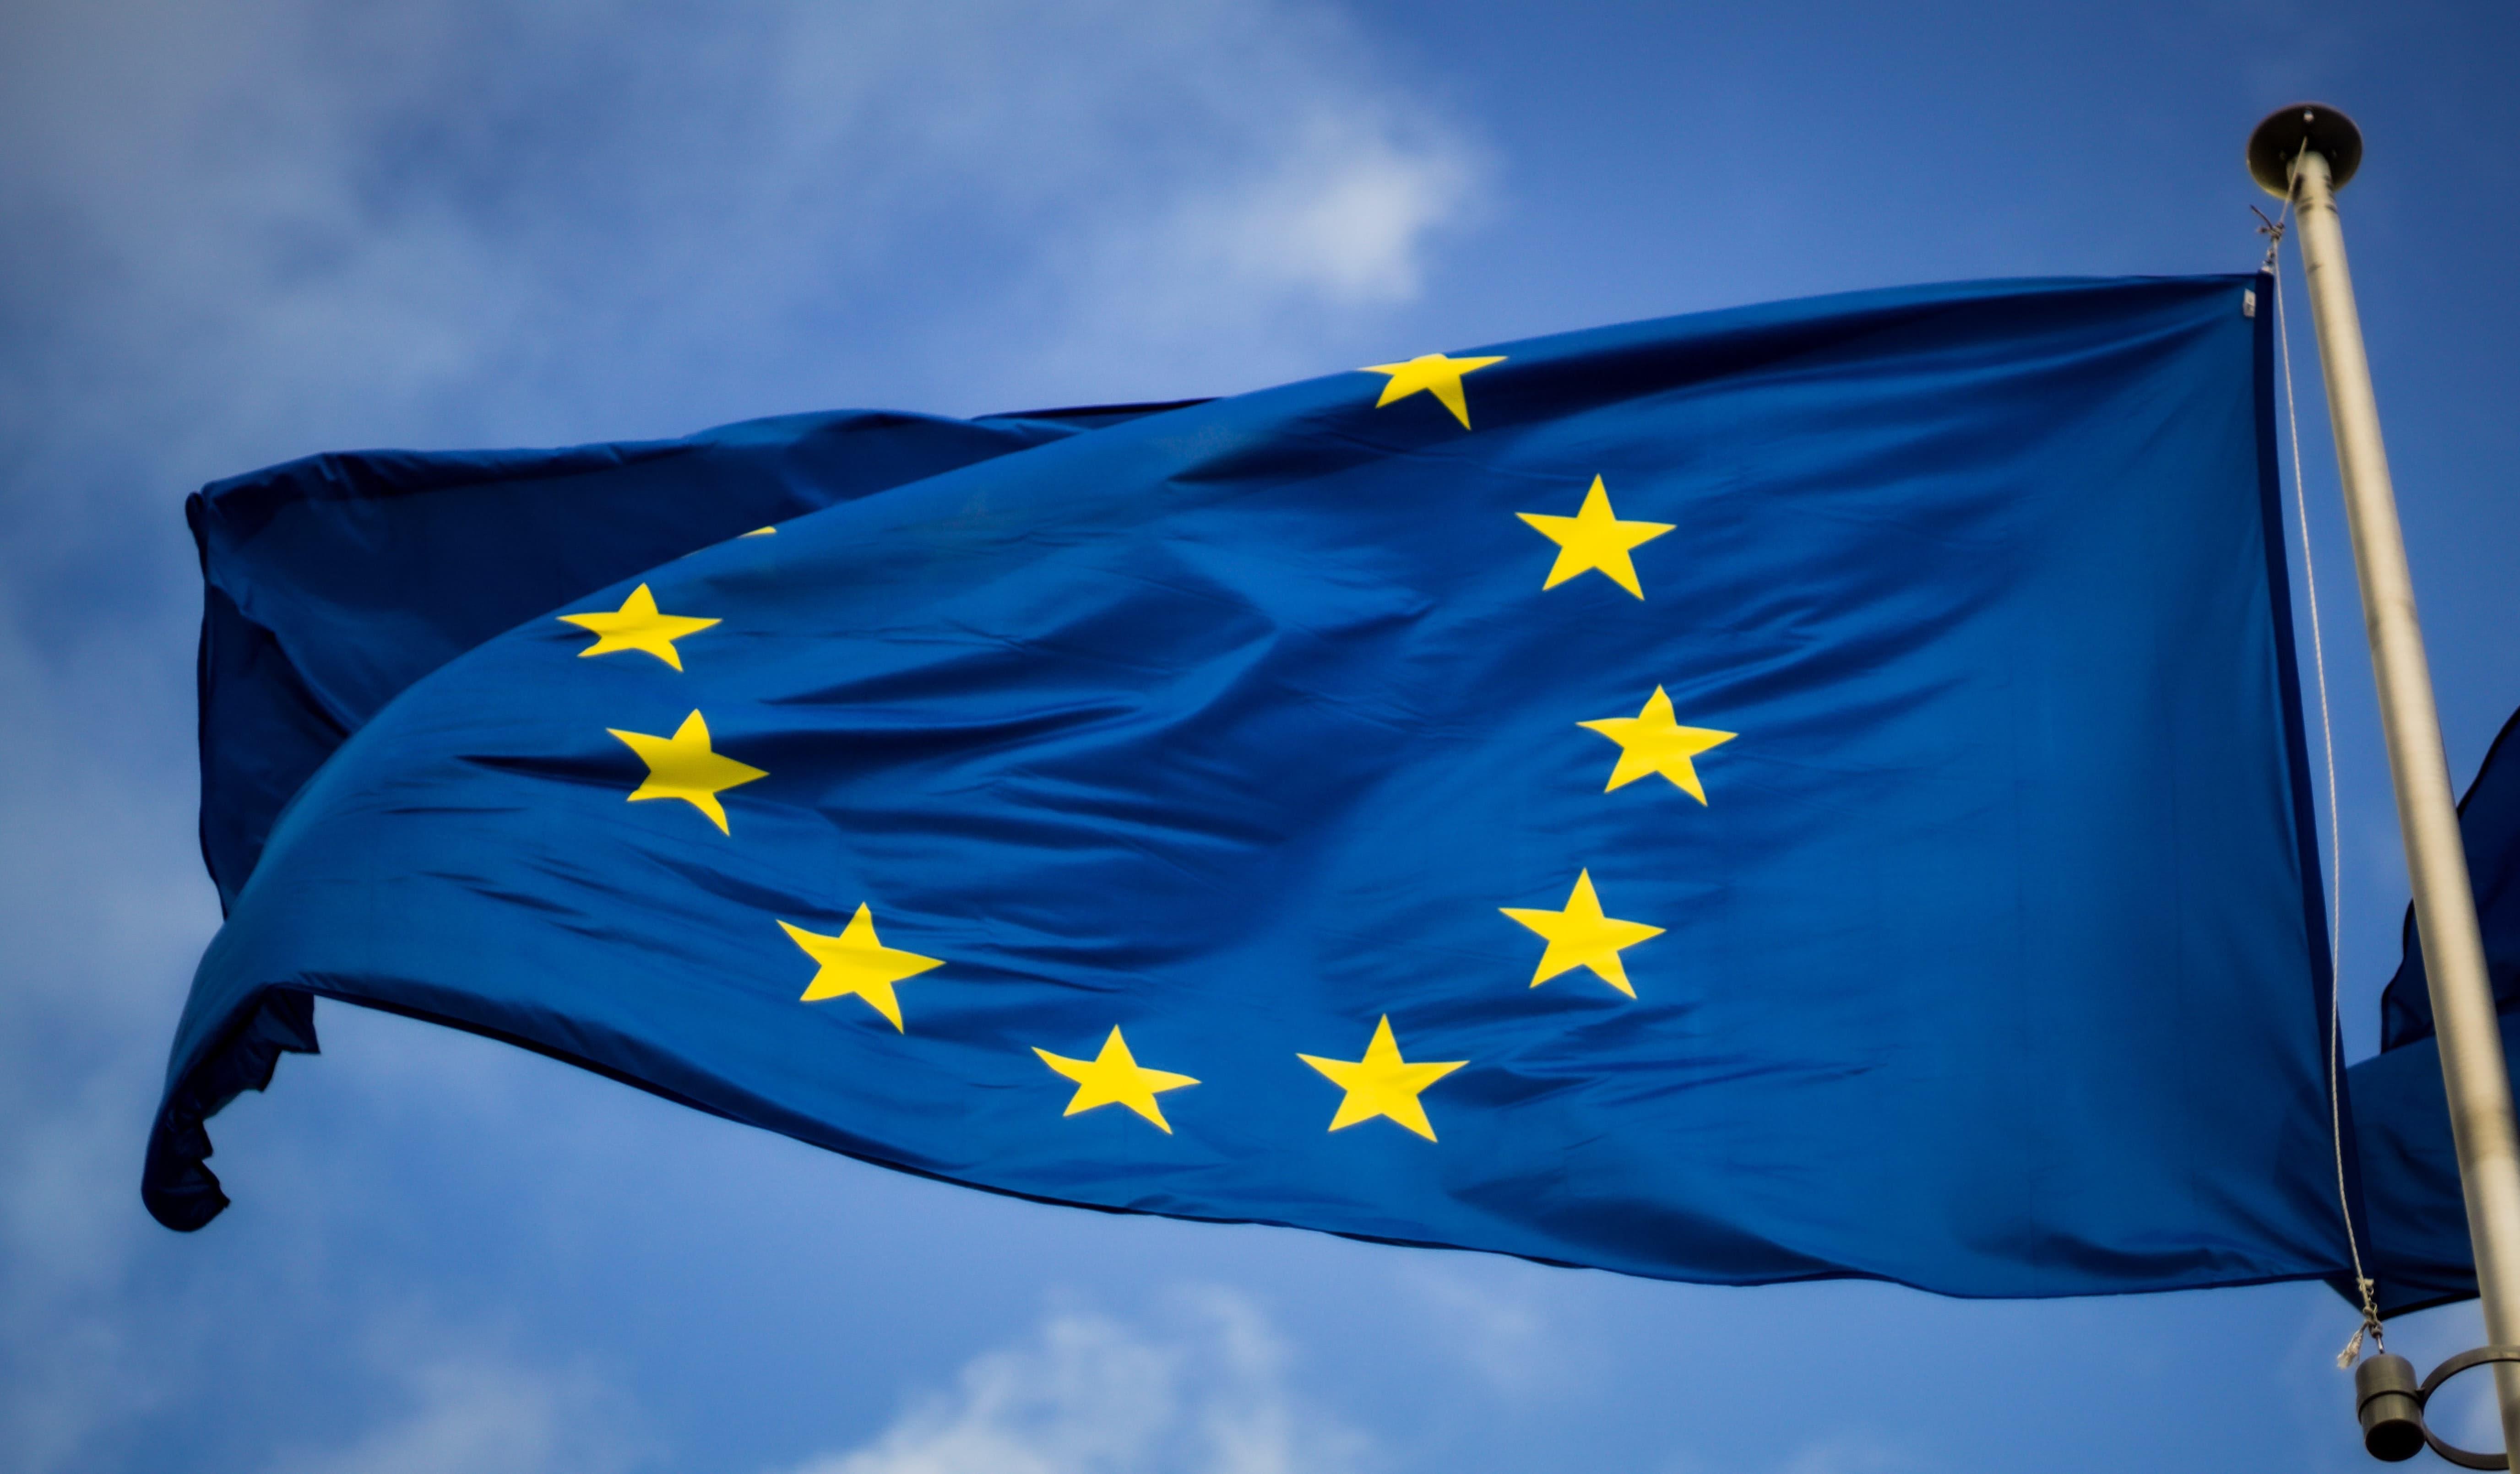 « L'avenir de l'Europe, c'est la paix dans le monde. » Gaspard Koenig